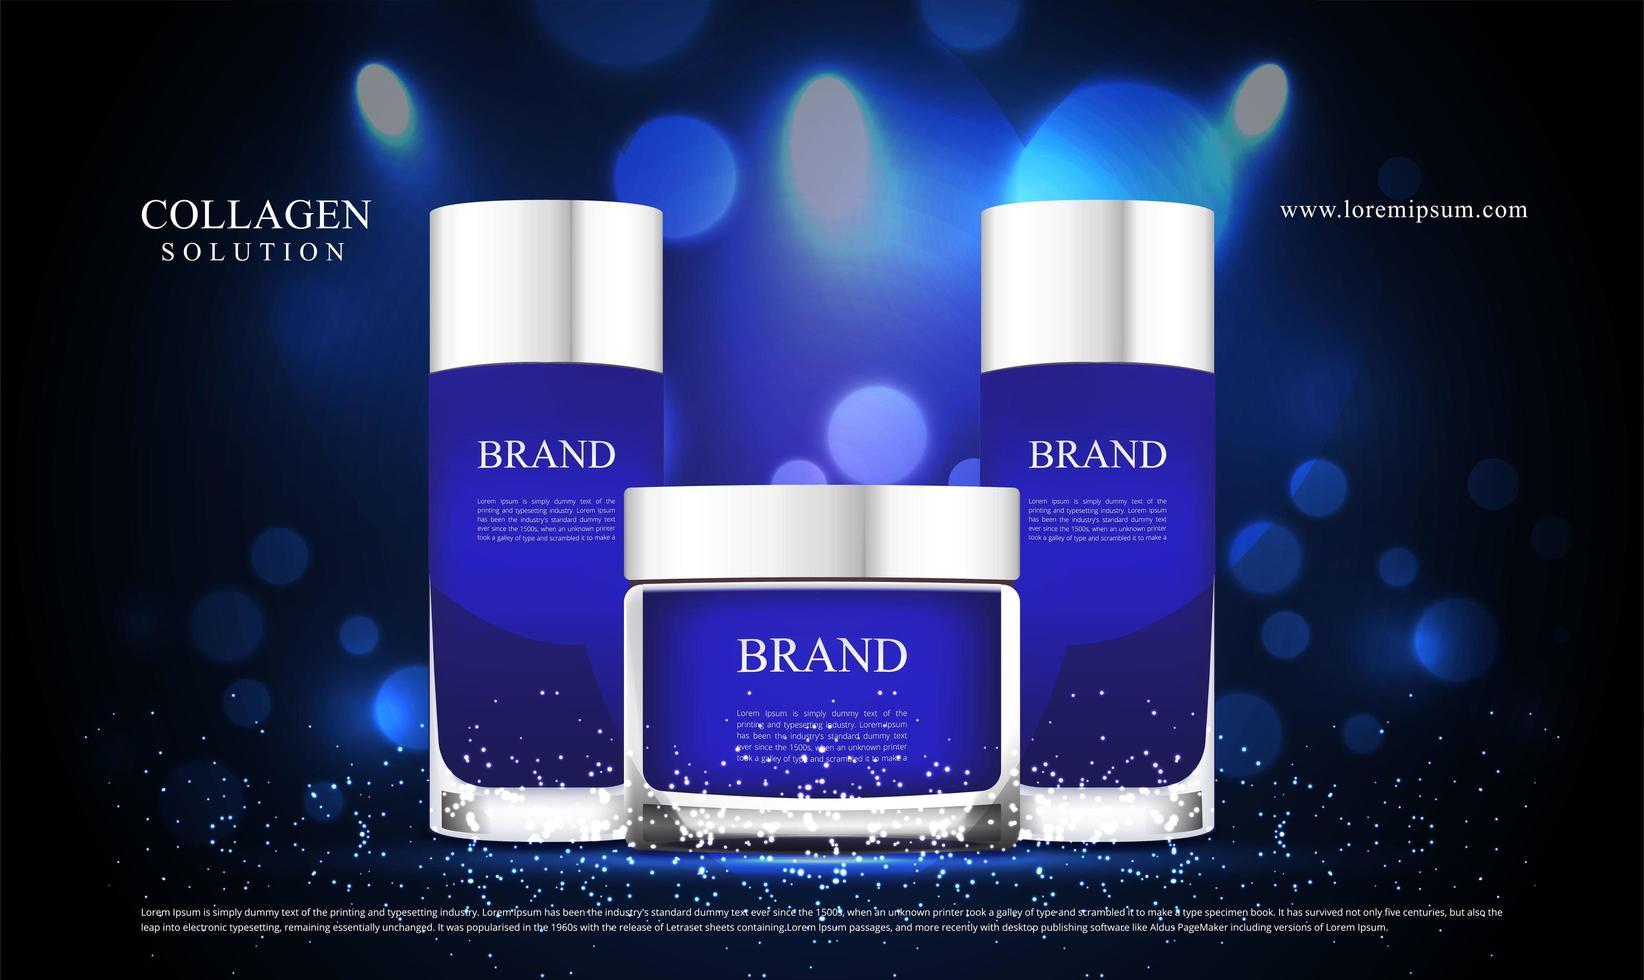 blå glitter och belysningseffekt för kosmetikreklam vektor